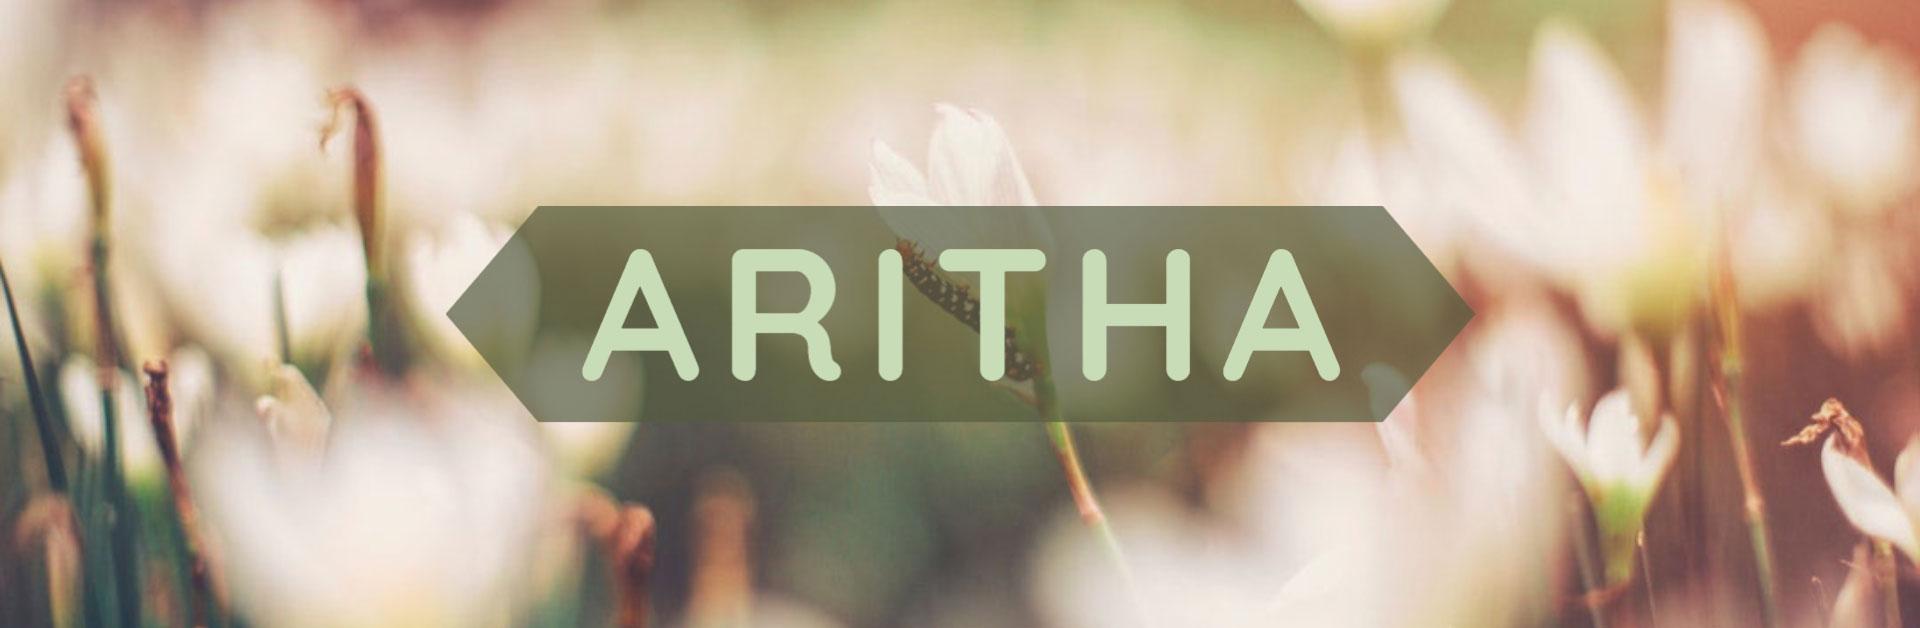 Immagine in evidenza Aritha